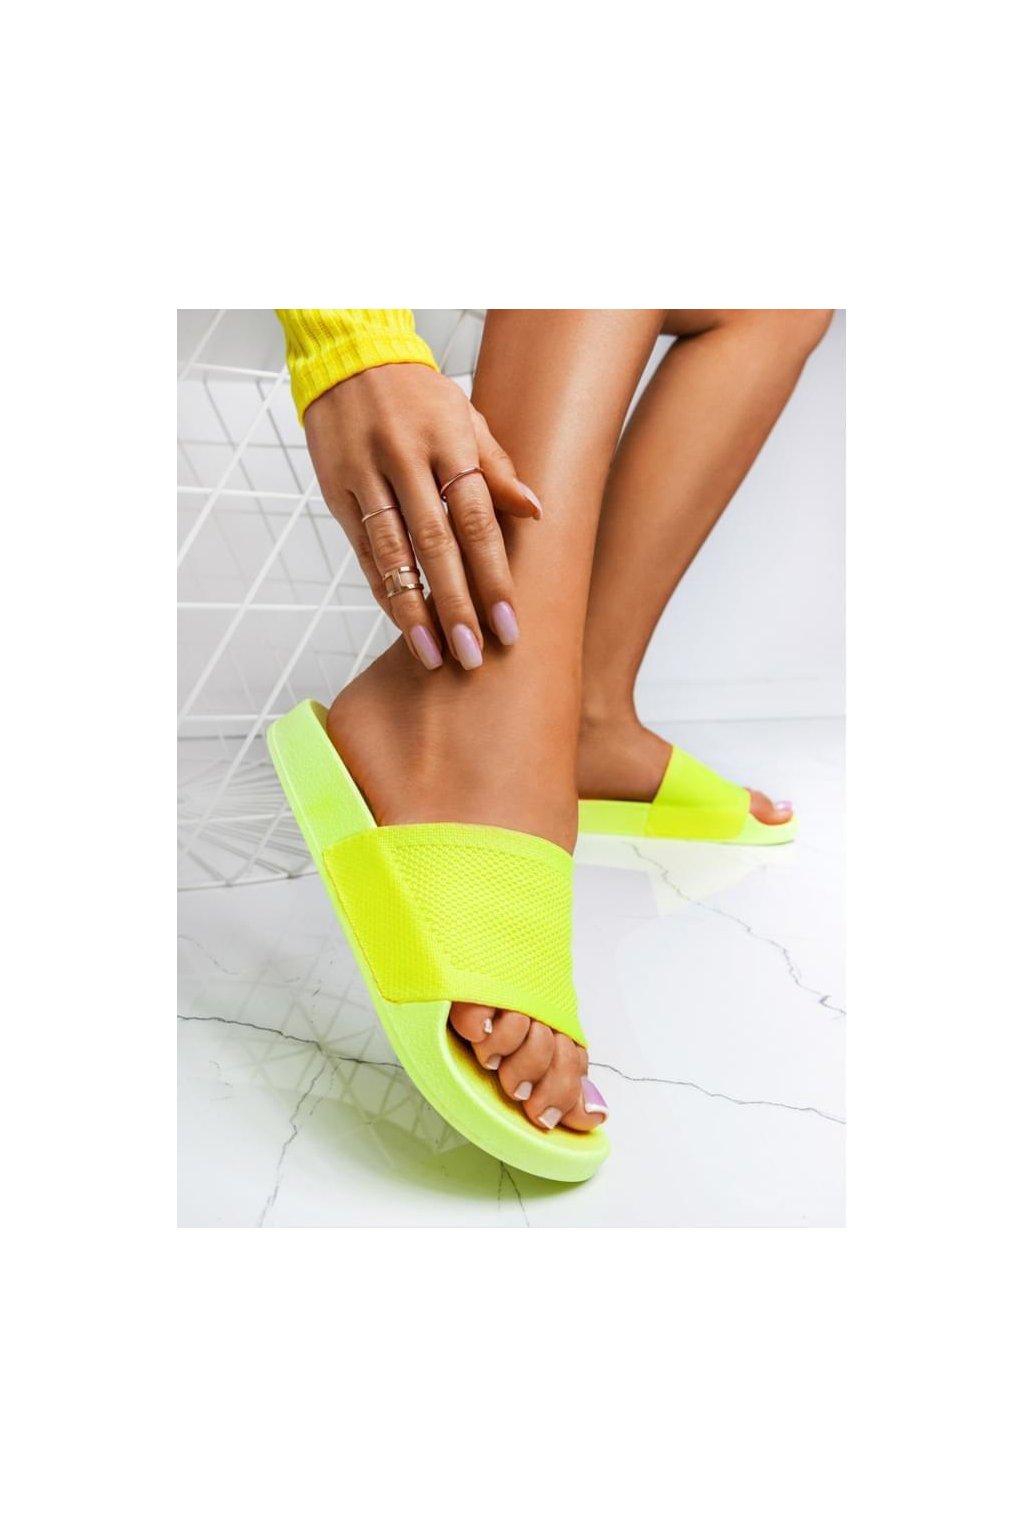 pantofle thalie látkové pohodlné trendy neon žluté